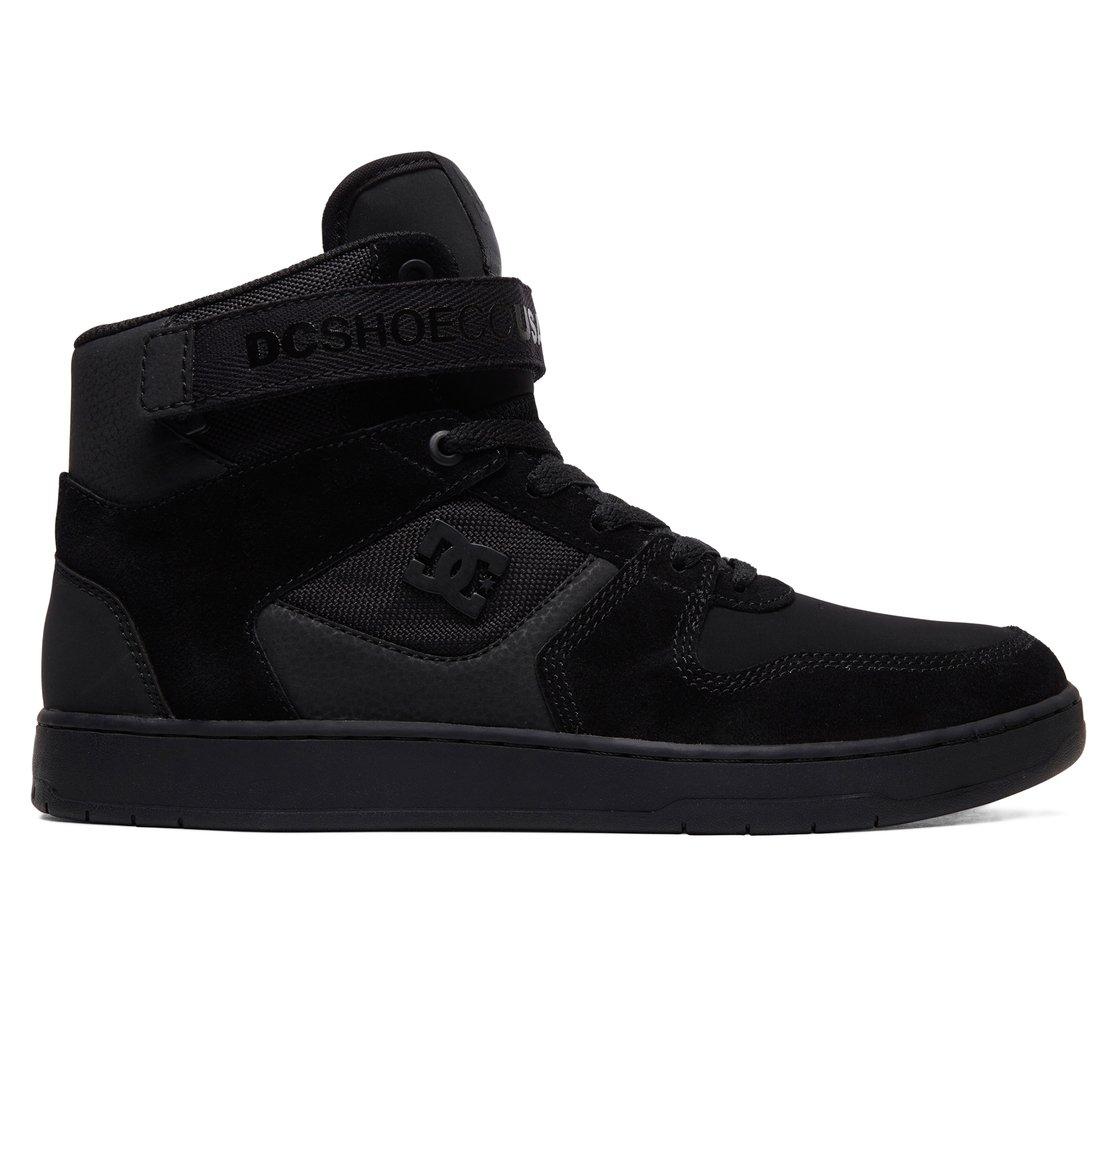 0 Schoenen Voor Shoes Dc Hoge Black Heren Pensford Adys400038 qCaqwfr